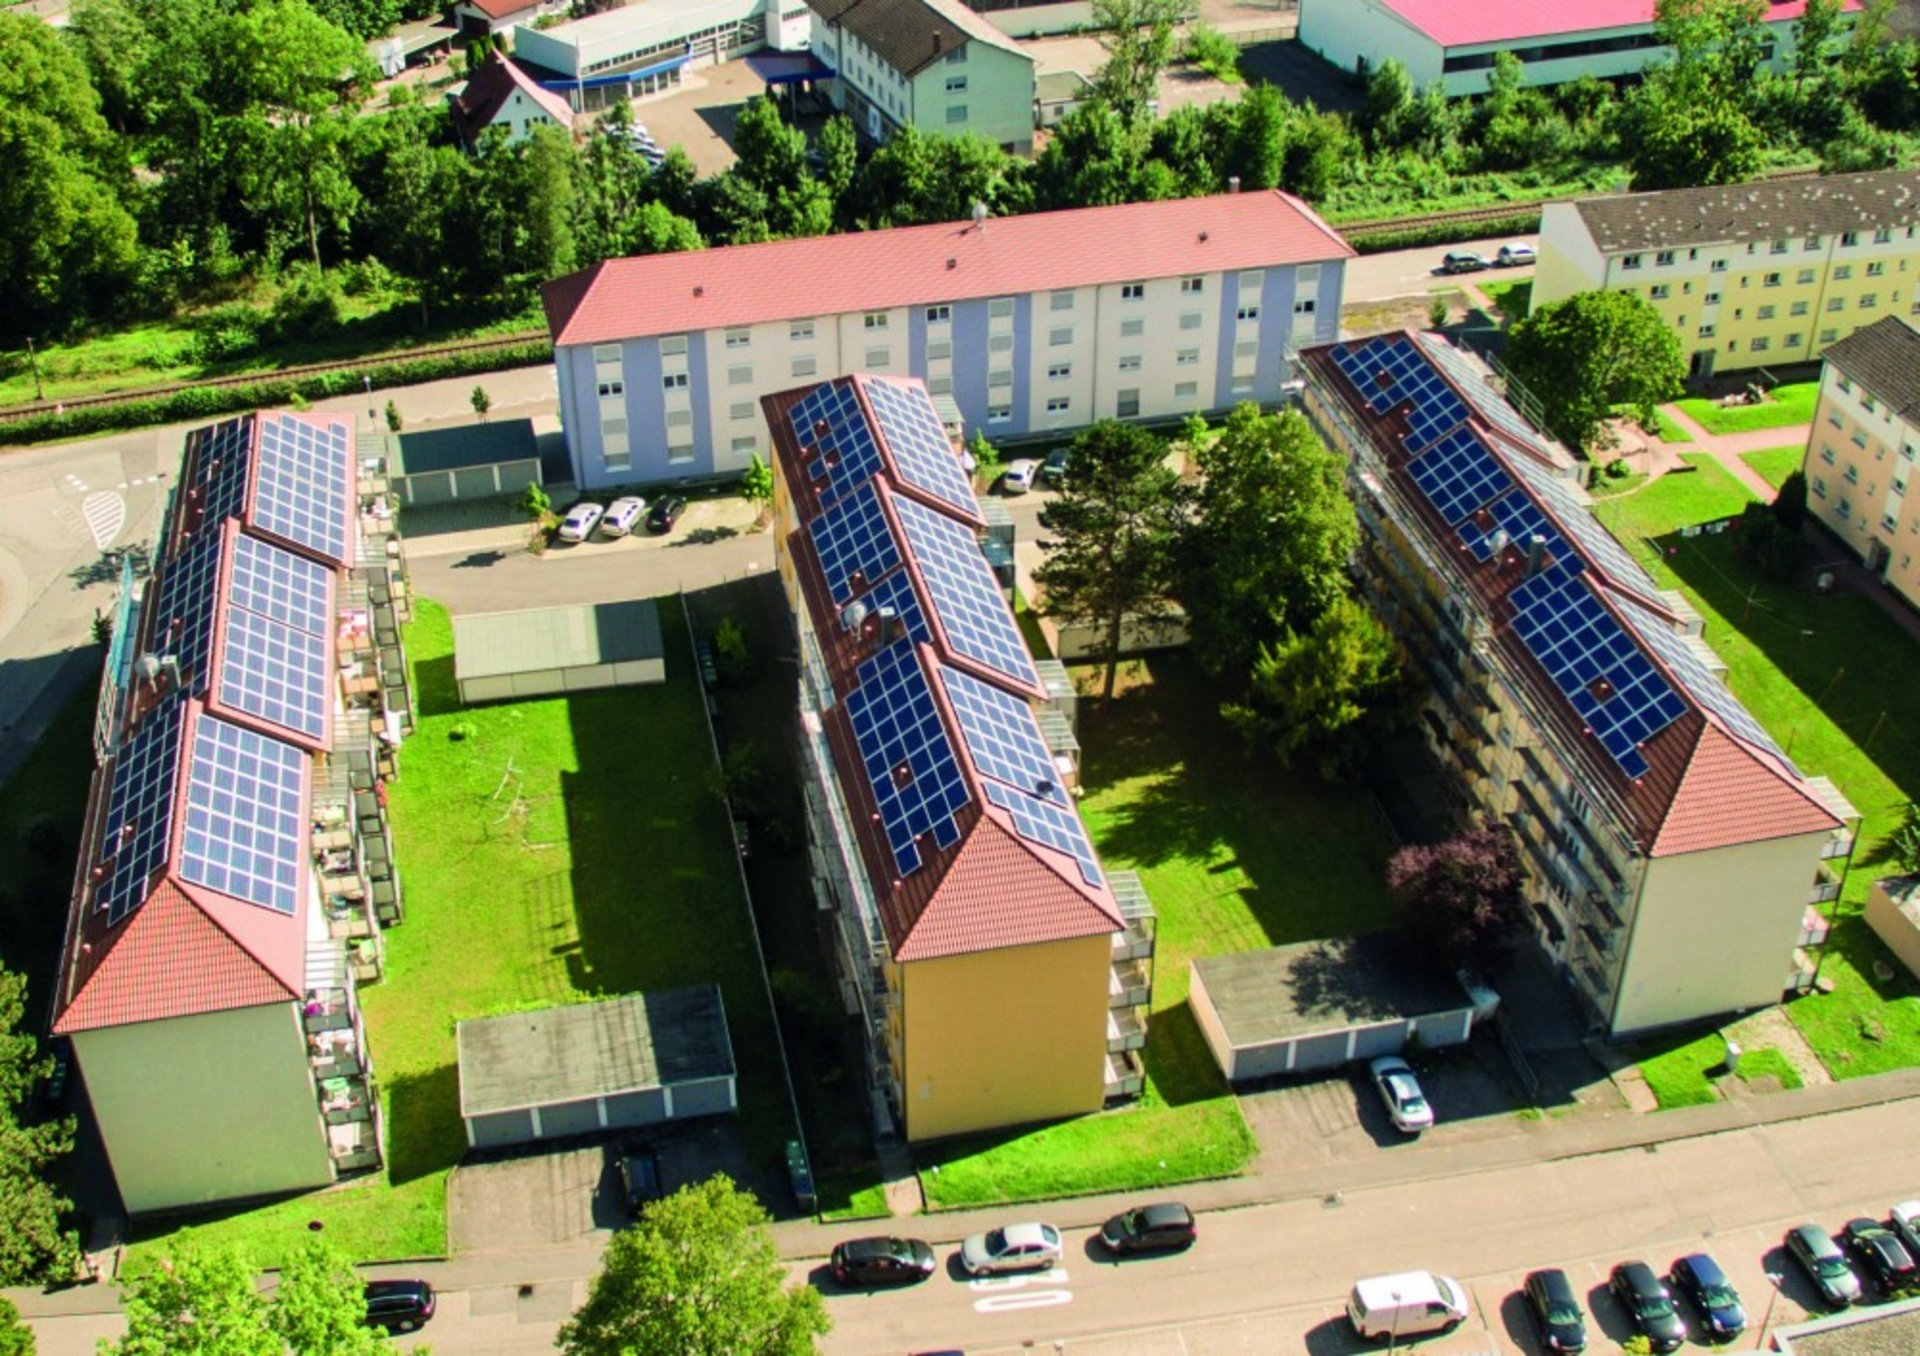 Solarstrom an Mieter verkaufen